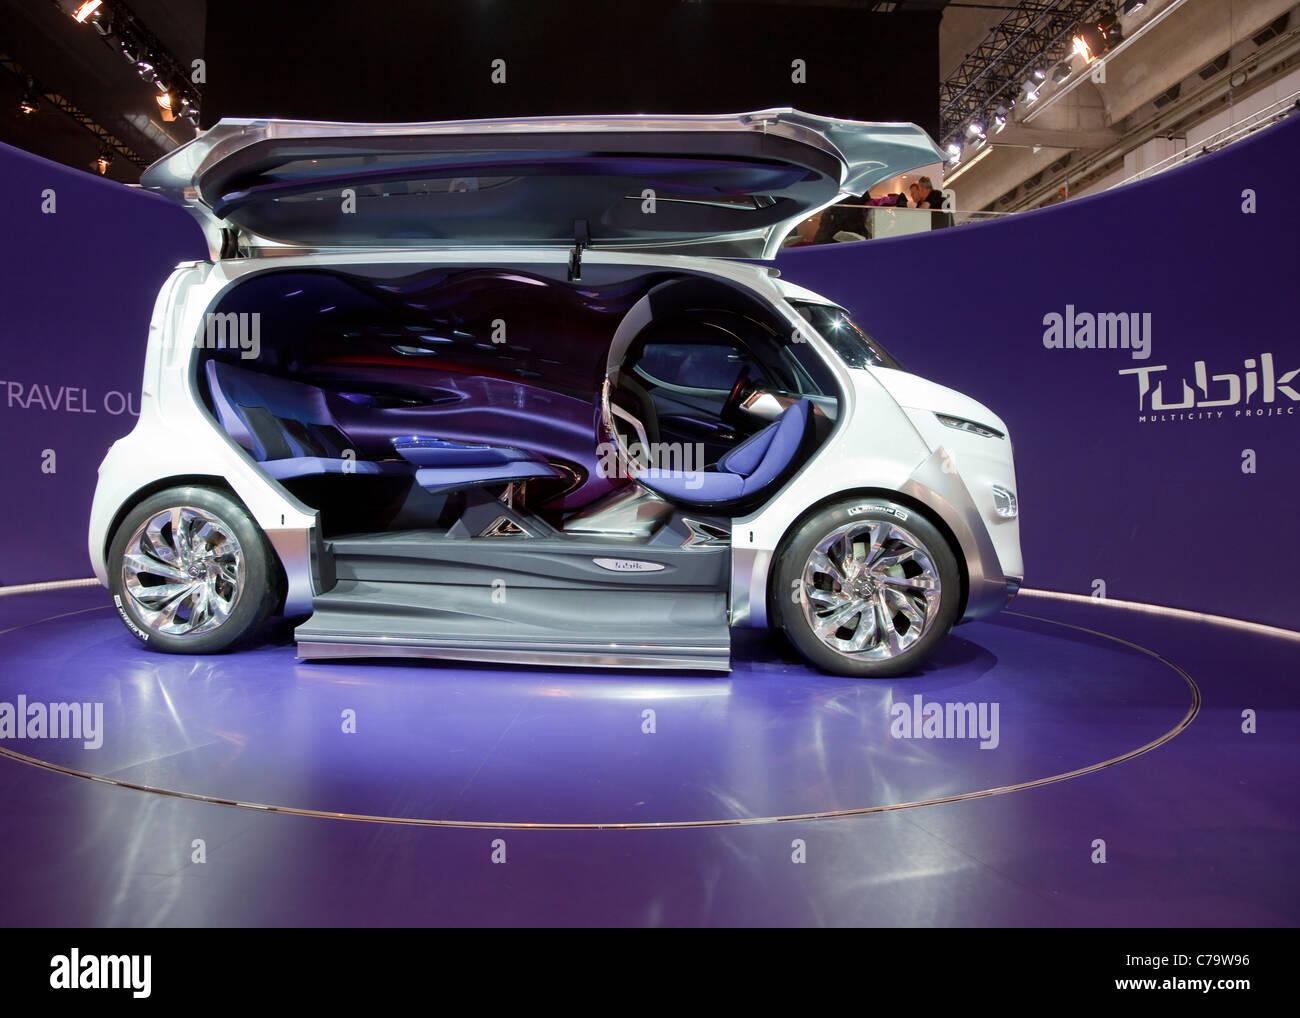 Citroën Tubik Concept Car en el IAA 2011 Salón Internacional del Automóvil de Frankfurt am Main, Imagen De Stock